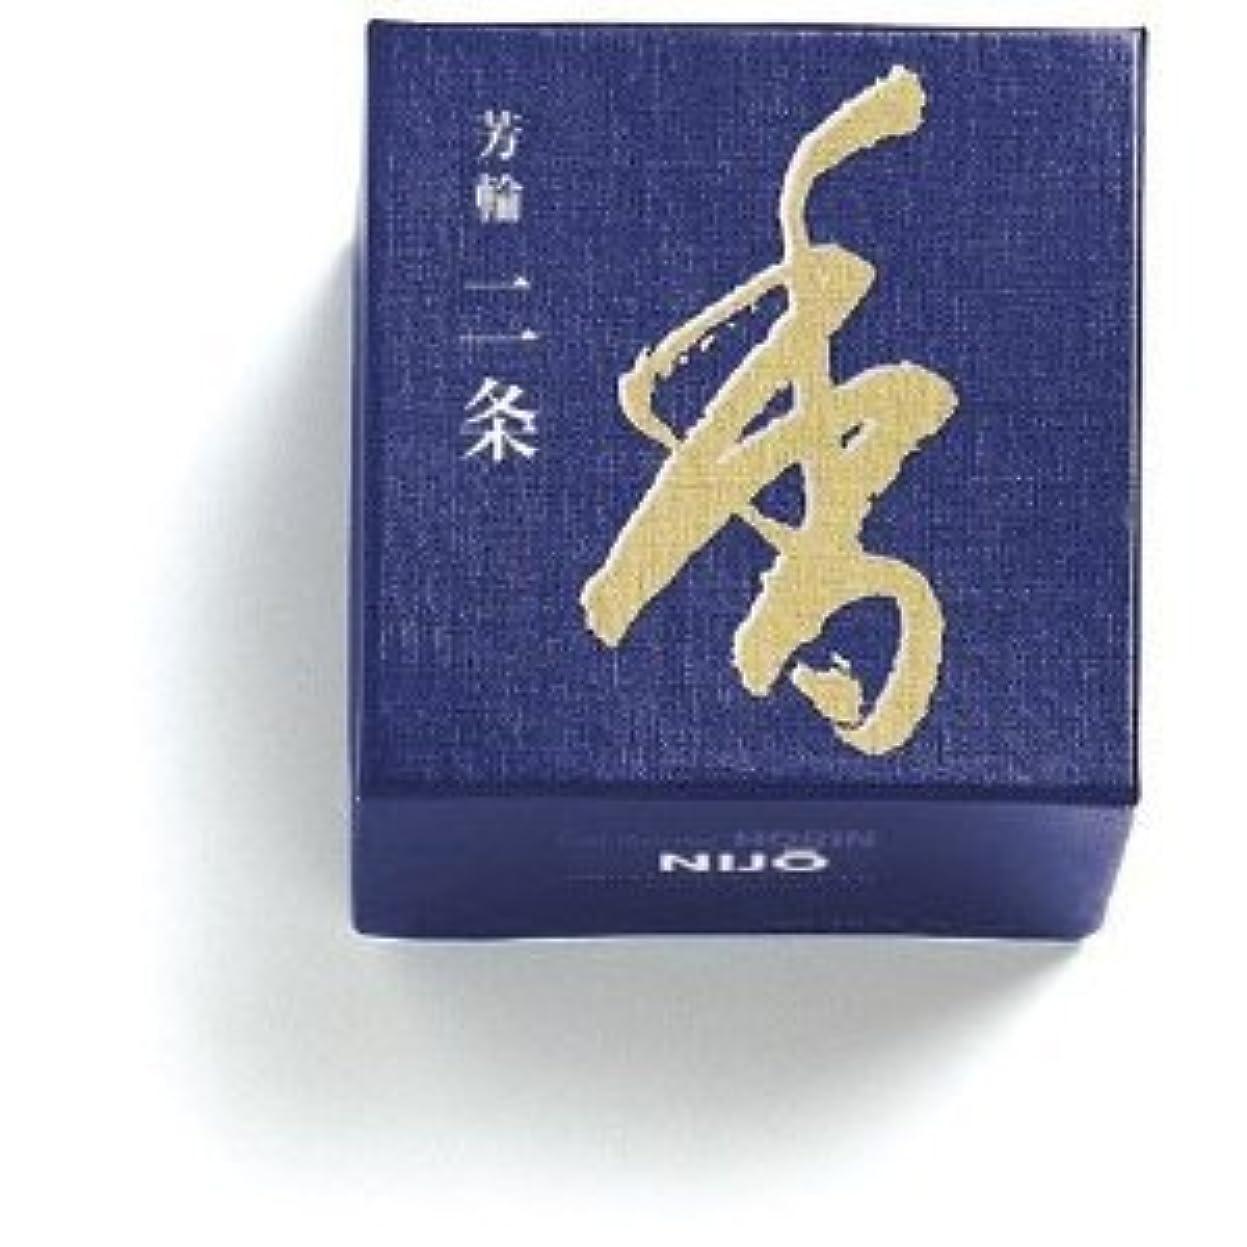 快いカニジョセフバンクス松栄堂 芳輪 二条 うず巻型 10枚入